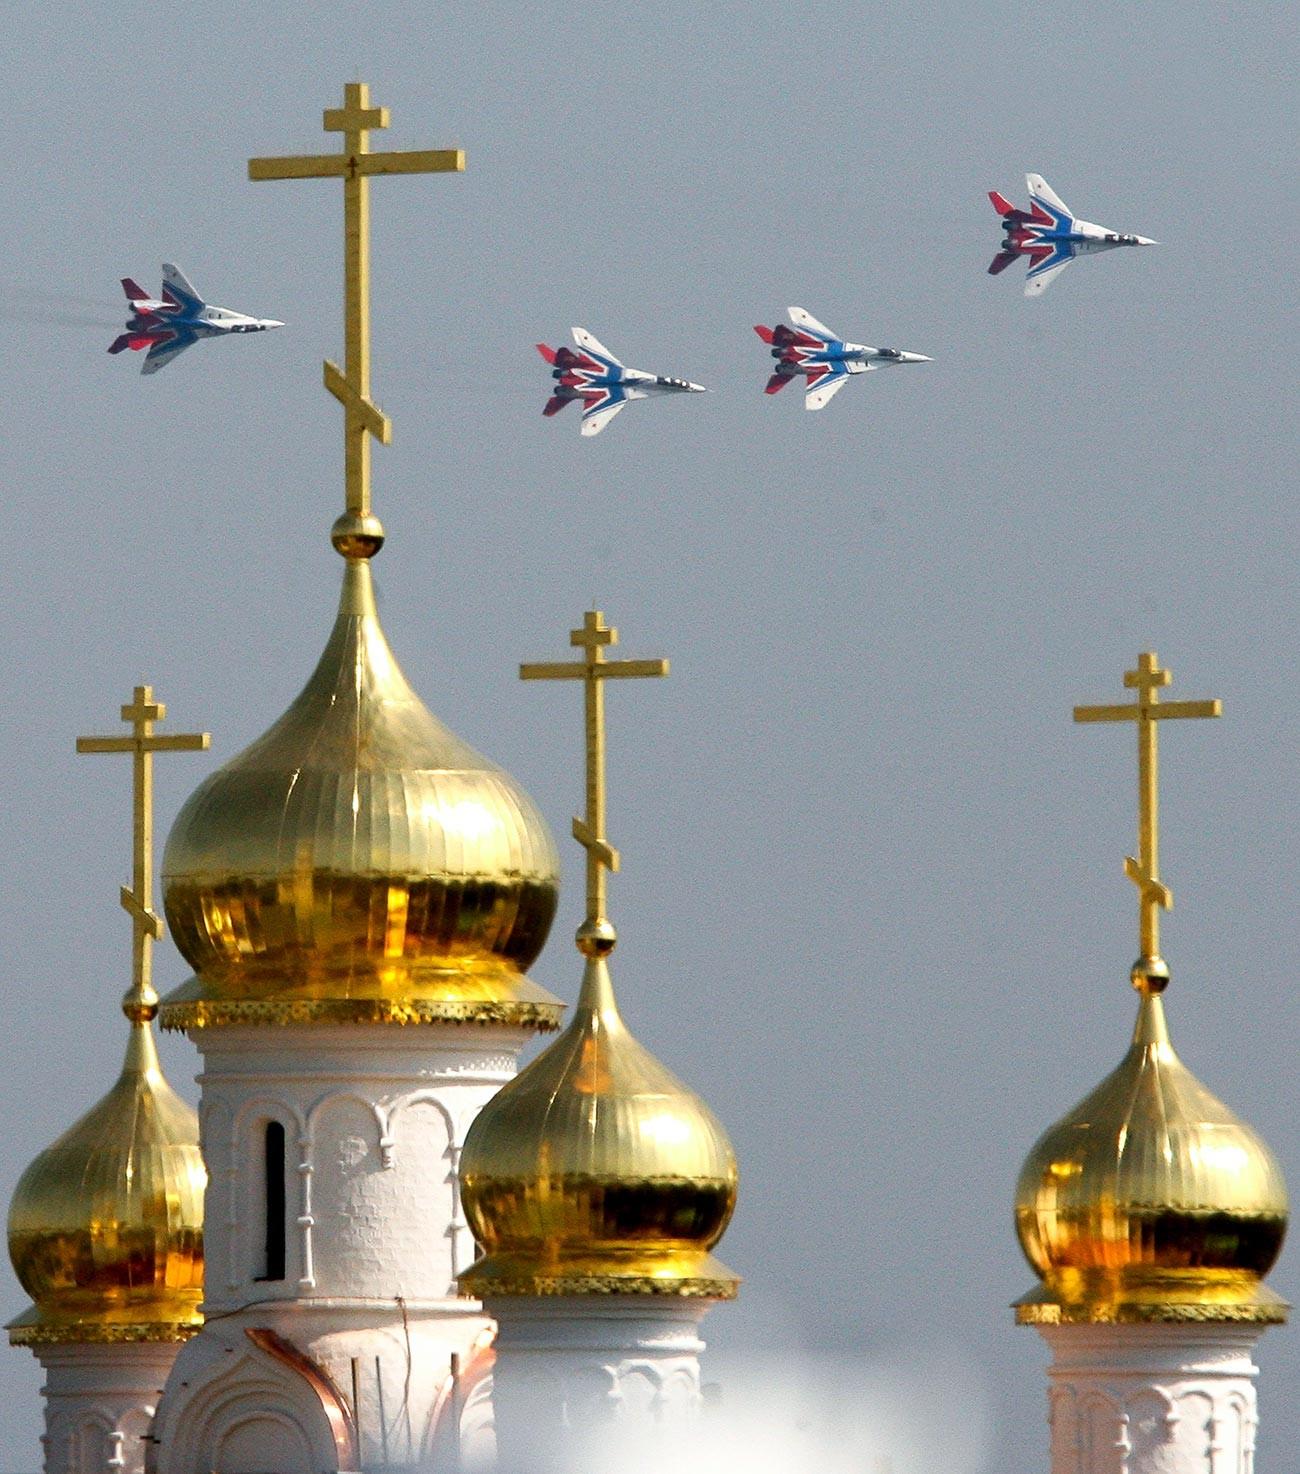 """Ловци МиГ-29 акробатске групе """"Стрижи"""" лете изнад храма за време Међународног сајма авиона МАКС-2007 у Жуковском."""